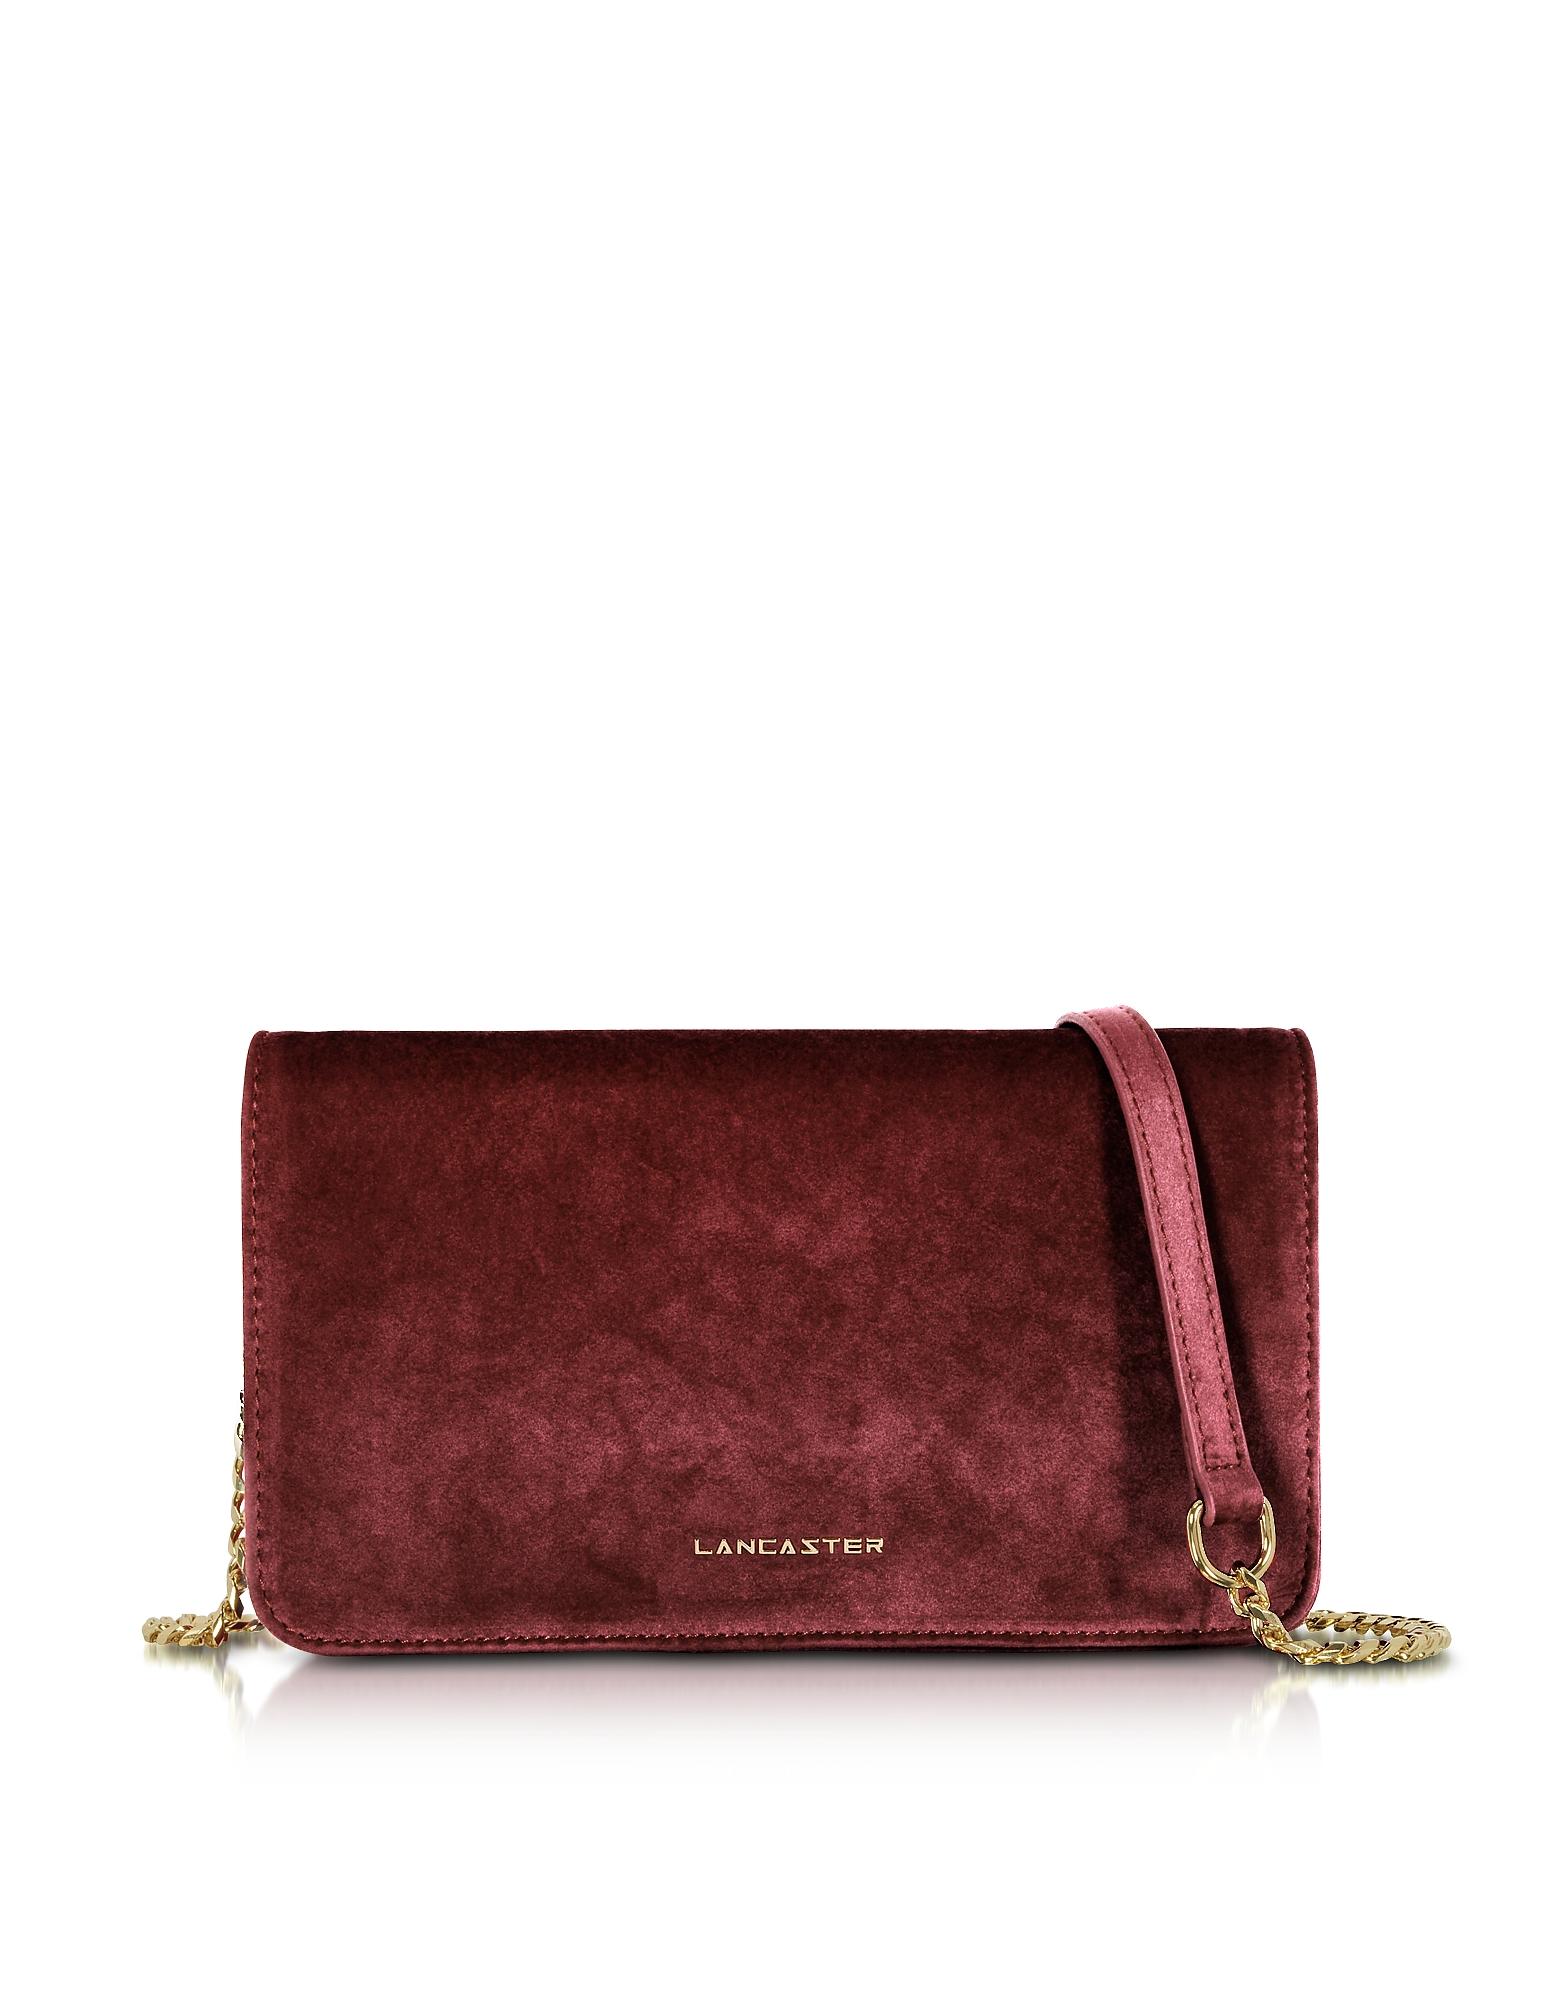 Lancaster Paris Handbags, Velvet Flap Clutch w/Strap